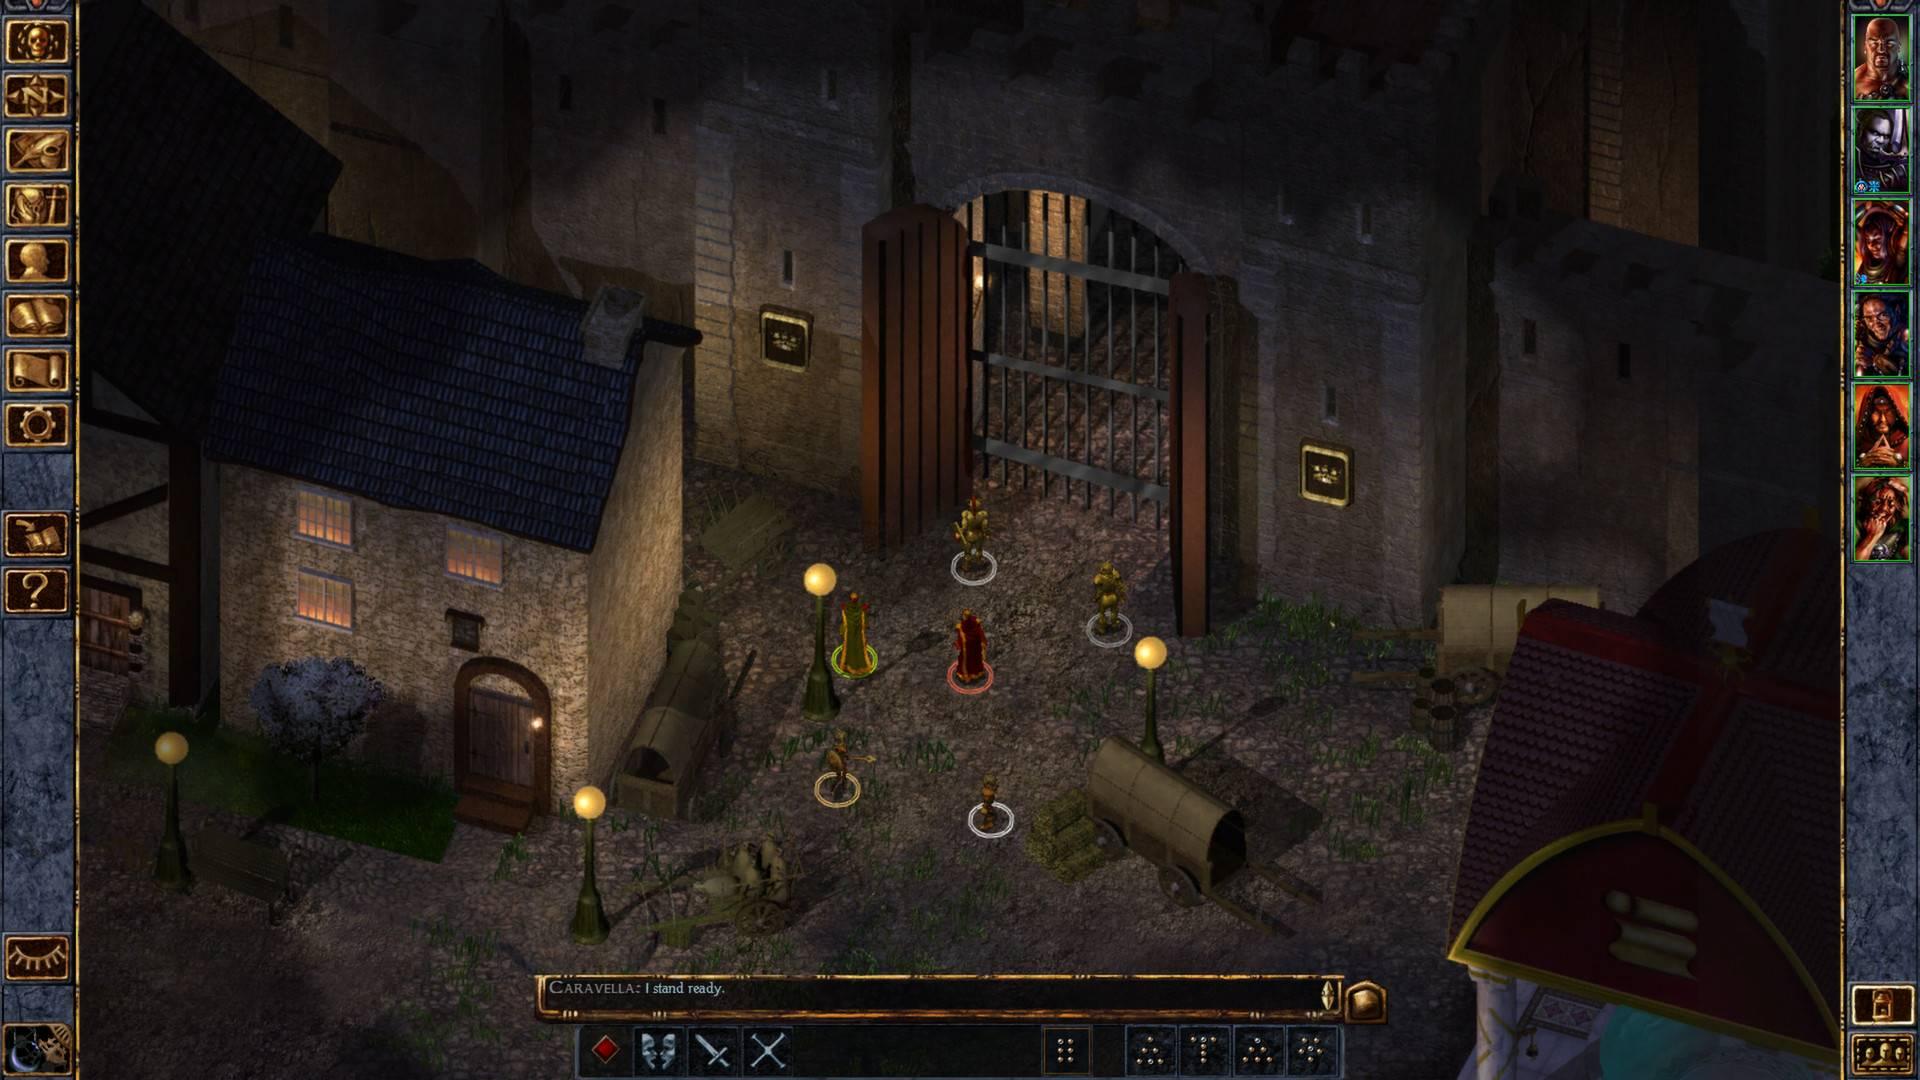 Baldur's Gate, Neverwinter Nights и другие культовые ролевые игры выйдут на консолях в 2019 году